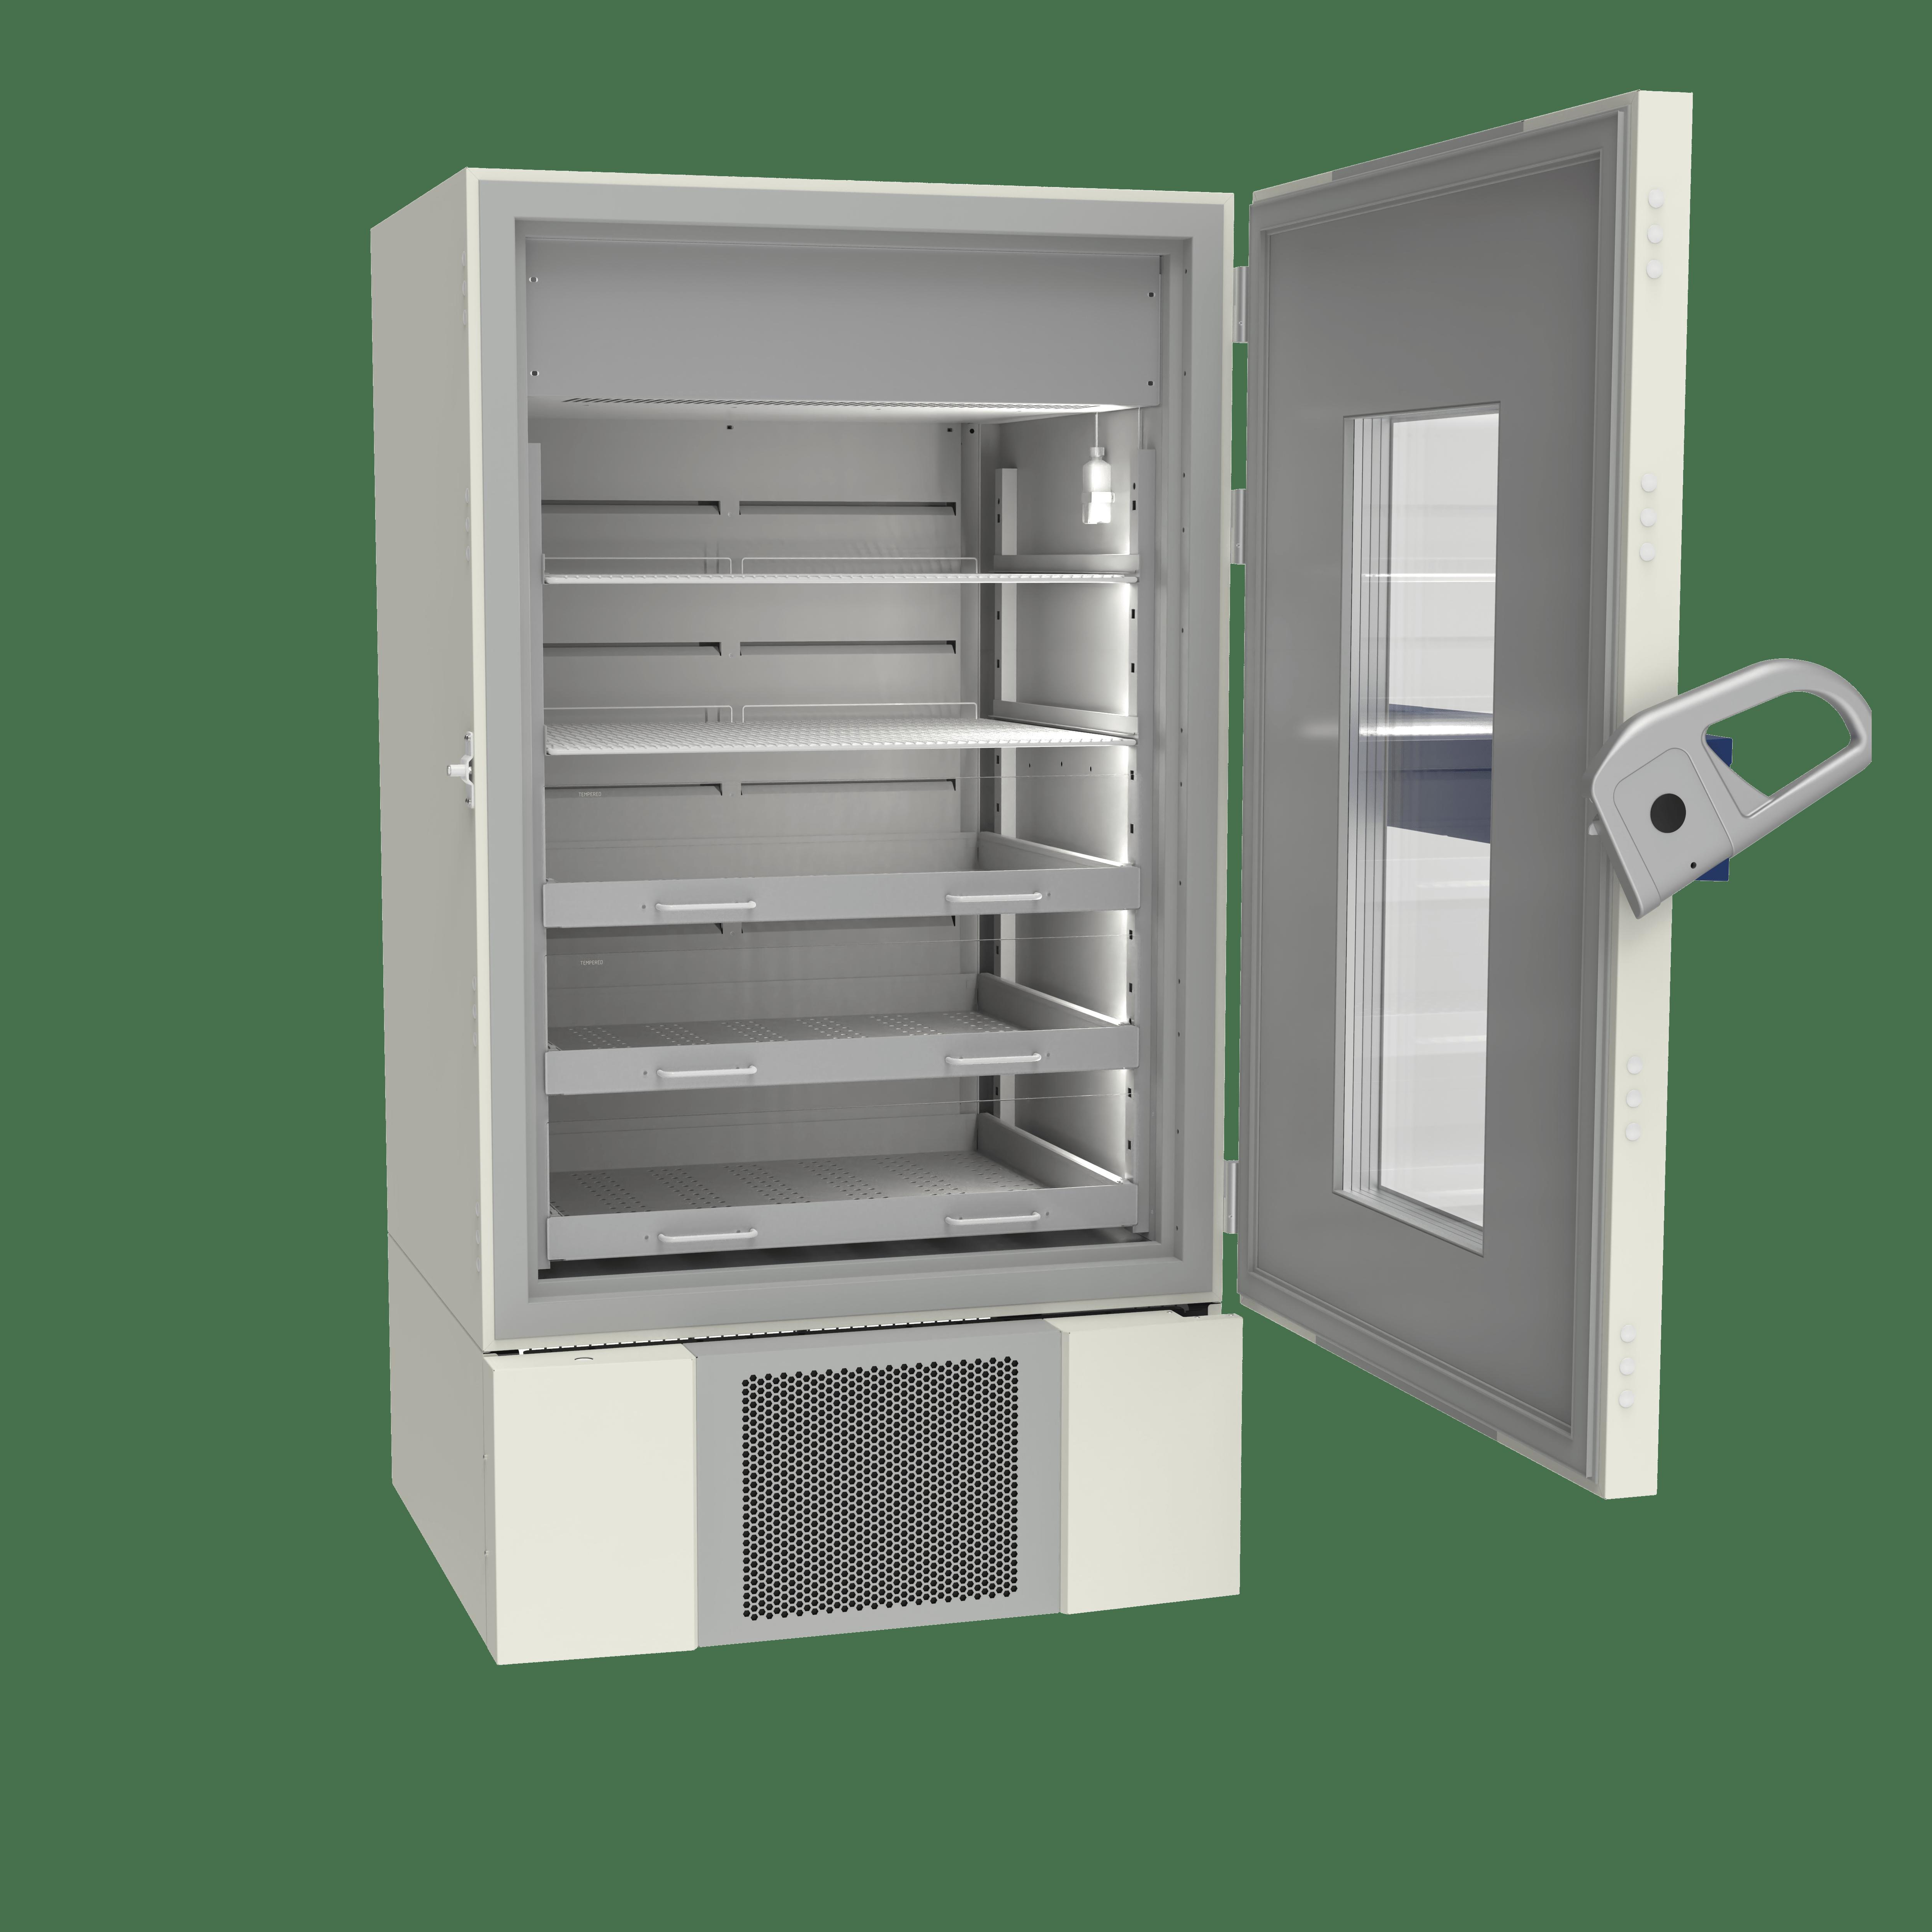 Pharmacy refrigerator P900 side with door open